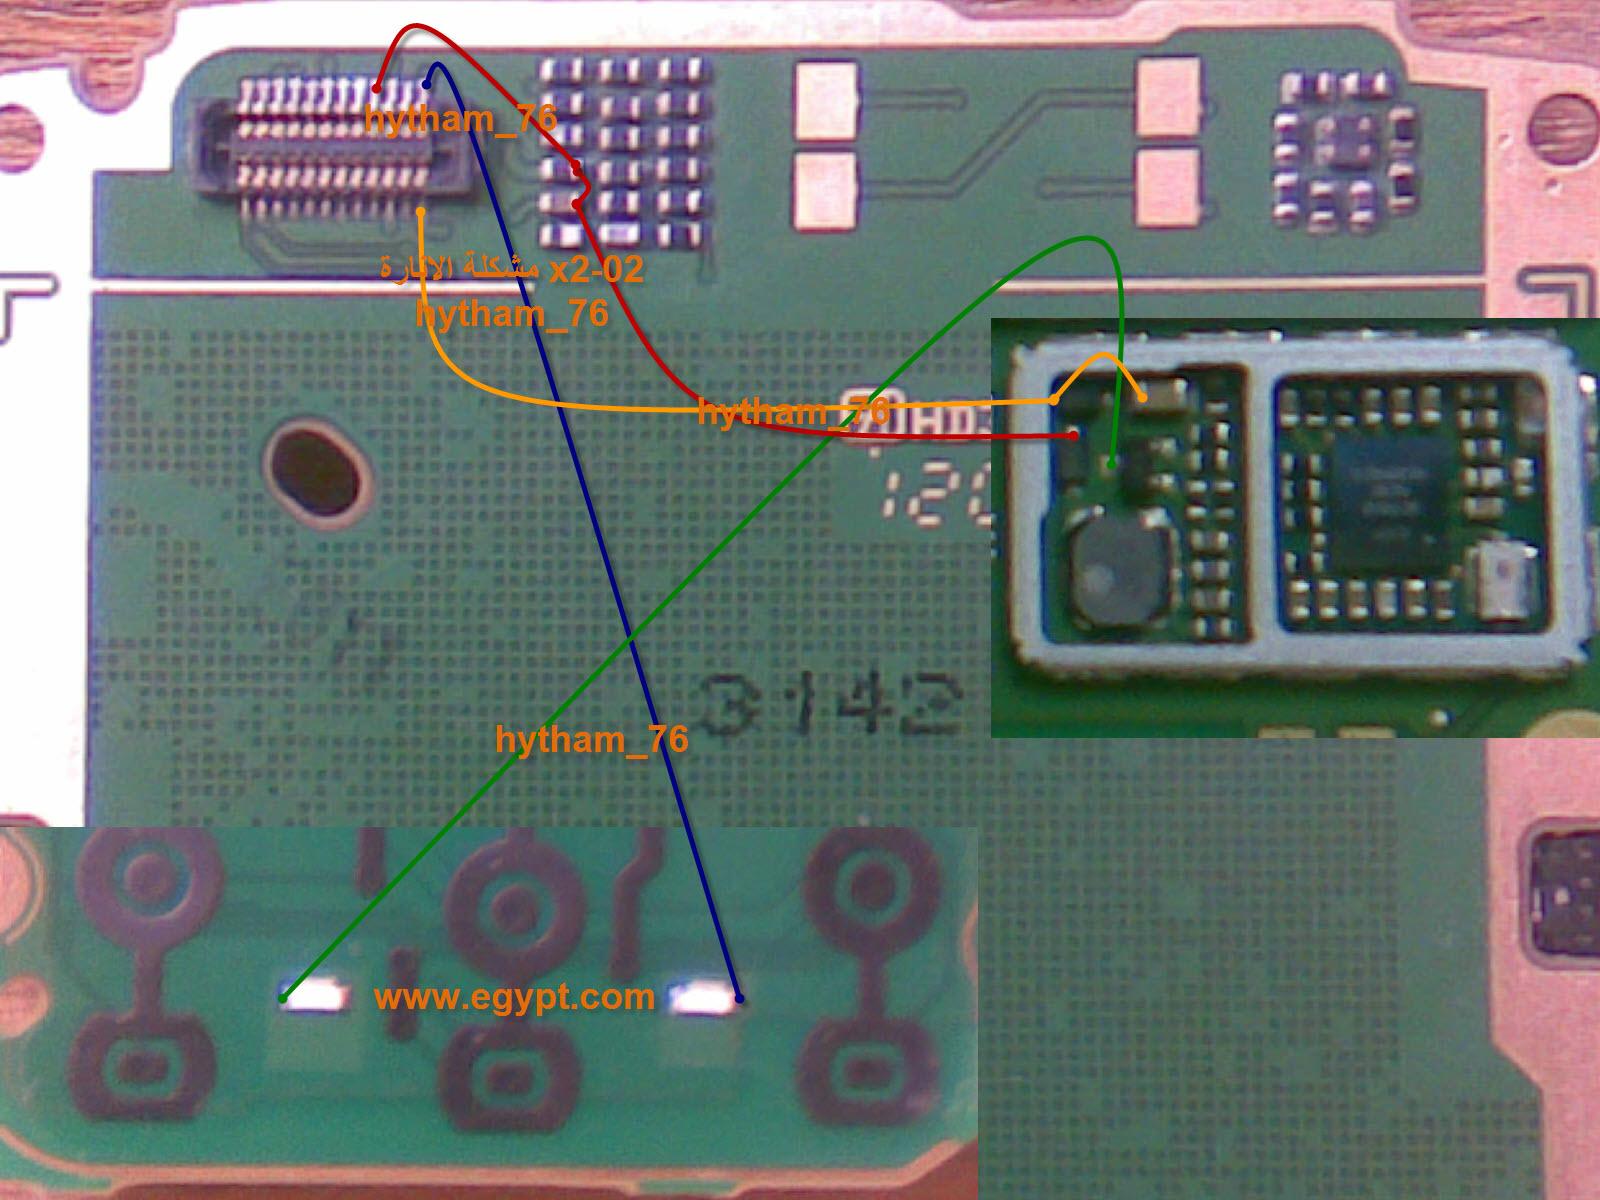 جهاز x2-02 فاصل اضاءة شاشة